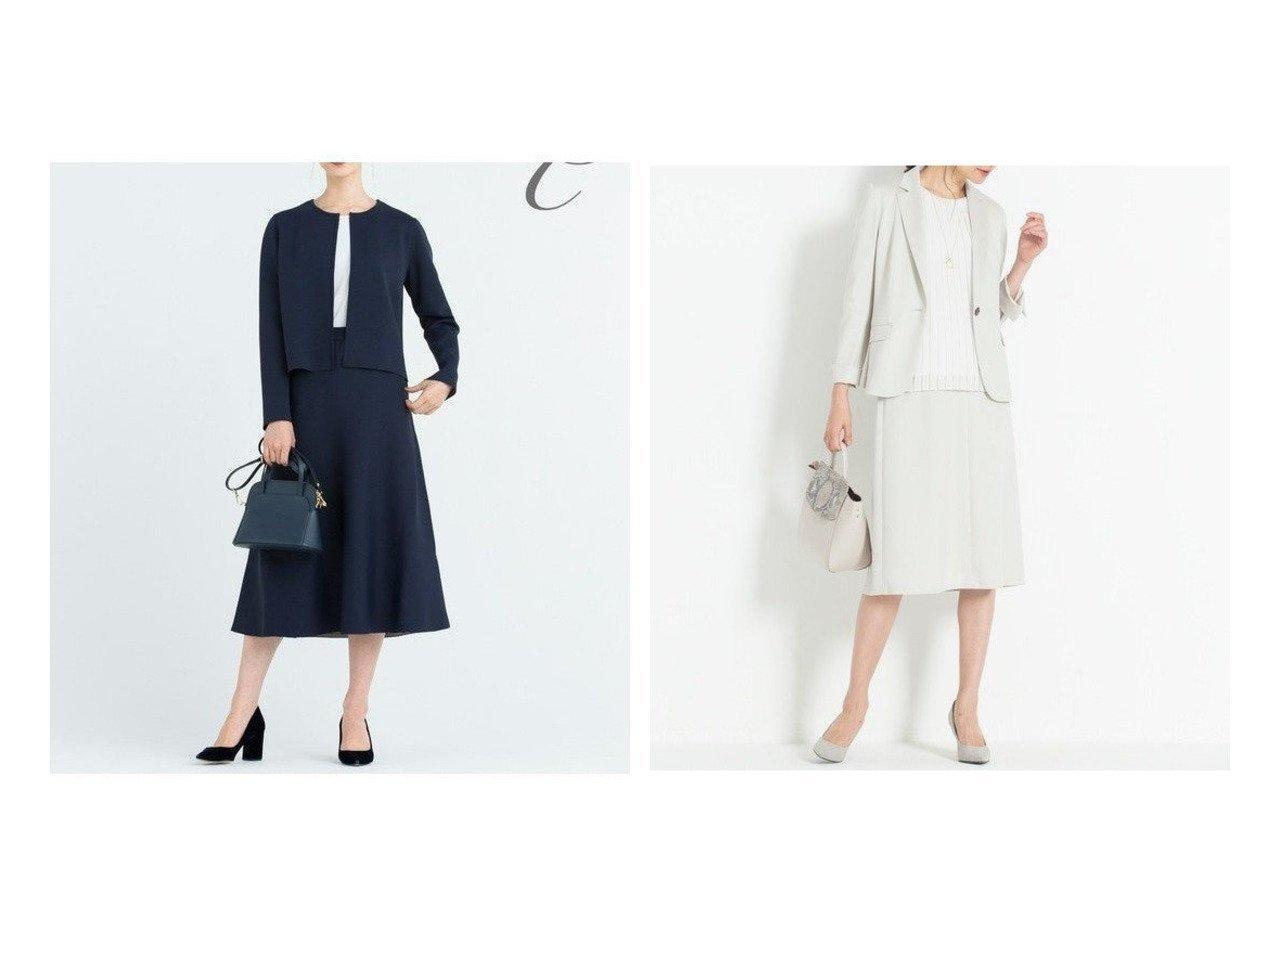 【JIYU-KU/自由区】の【Class Lounge】SABRE STRETCH ニット スカート&360°FREEリュミエール ジャージースカート スカートのおすすめ!人気、トレンド・レディースファッションの通販 おすすめで人気の流行・トレンド、ファッションの通販商品 メンズファッション・キッズファッション・インテリア・家具・レディースファッション・服の通販 founy(ファニー) https://founy.com/ ファッション Fashion レディースファッション WOMEN スカート Skirt 送料無料 Free Shipping 2020年 2020 2020-2021 秋冬 A/W AW Autumn/Winter / FW Fall-Winter 2020-2021 A/W 秋冬 AW Autumn/Winter / FW Fall-Winter オケージョン ジャケット ストレッチ リバーシブル 無地 エアリー シンプル ジャージー ドレープ ポケット 軽量  ID:crp329100000012437